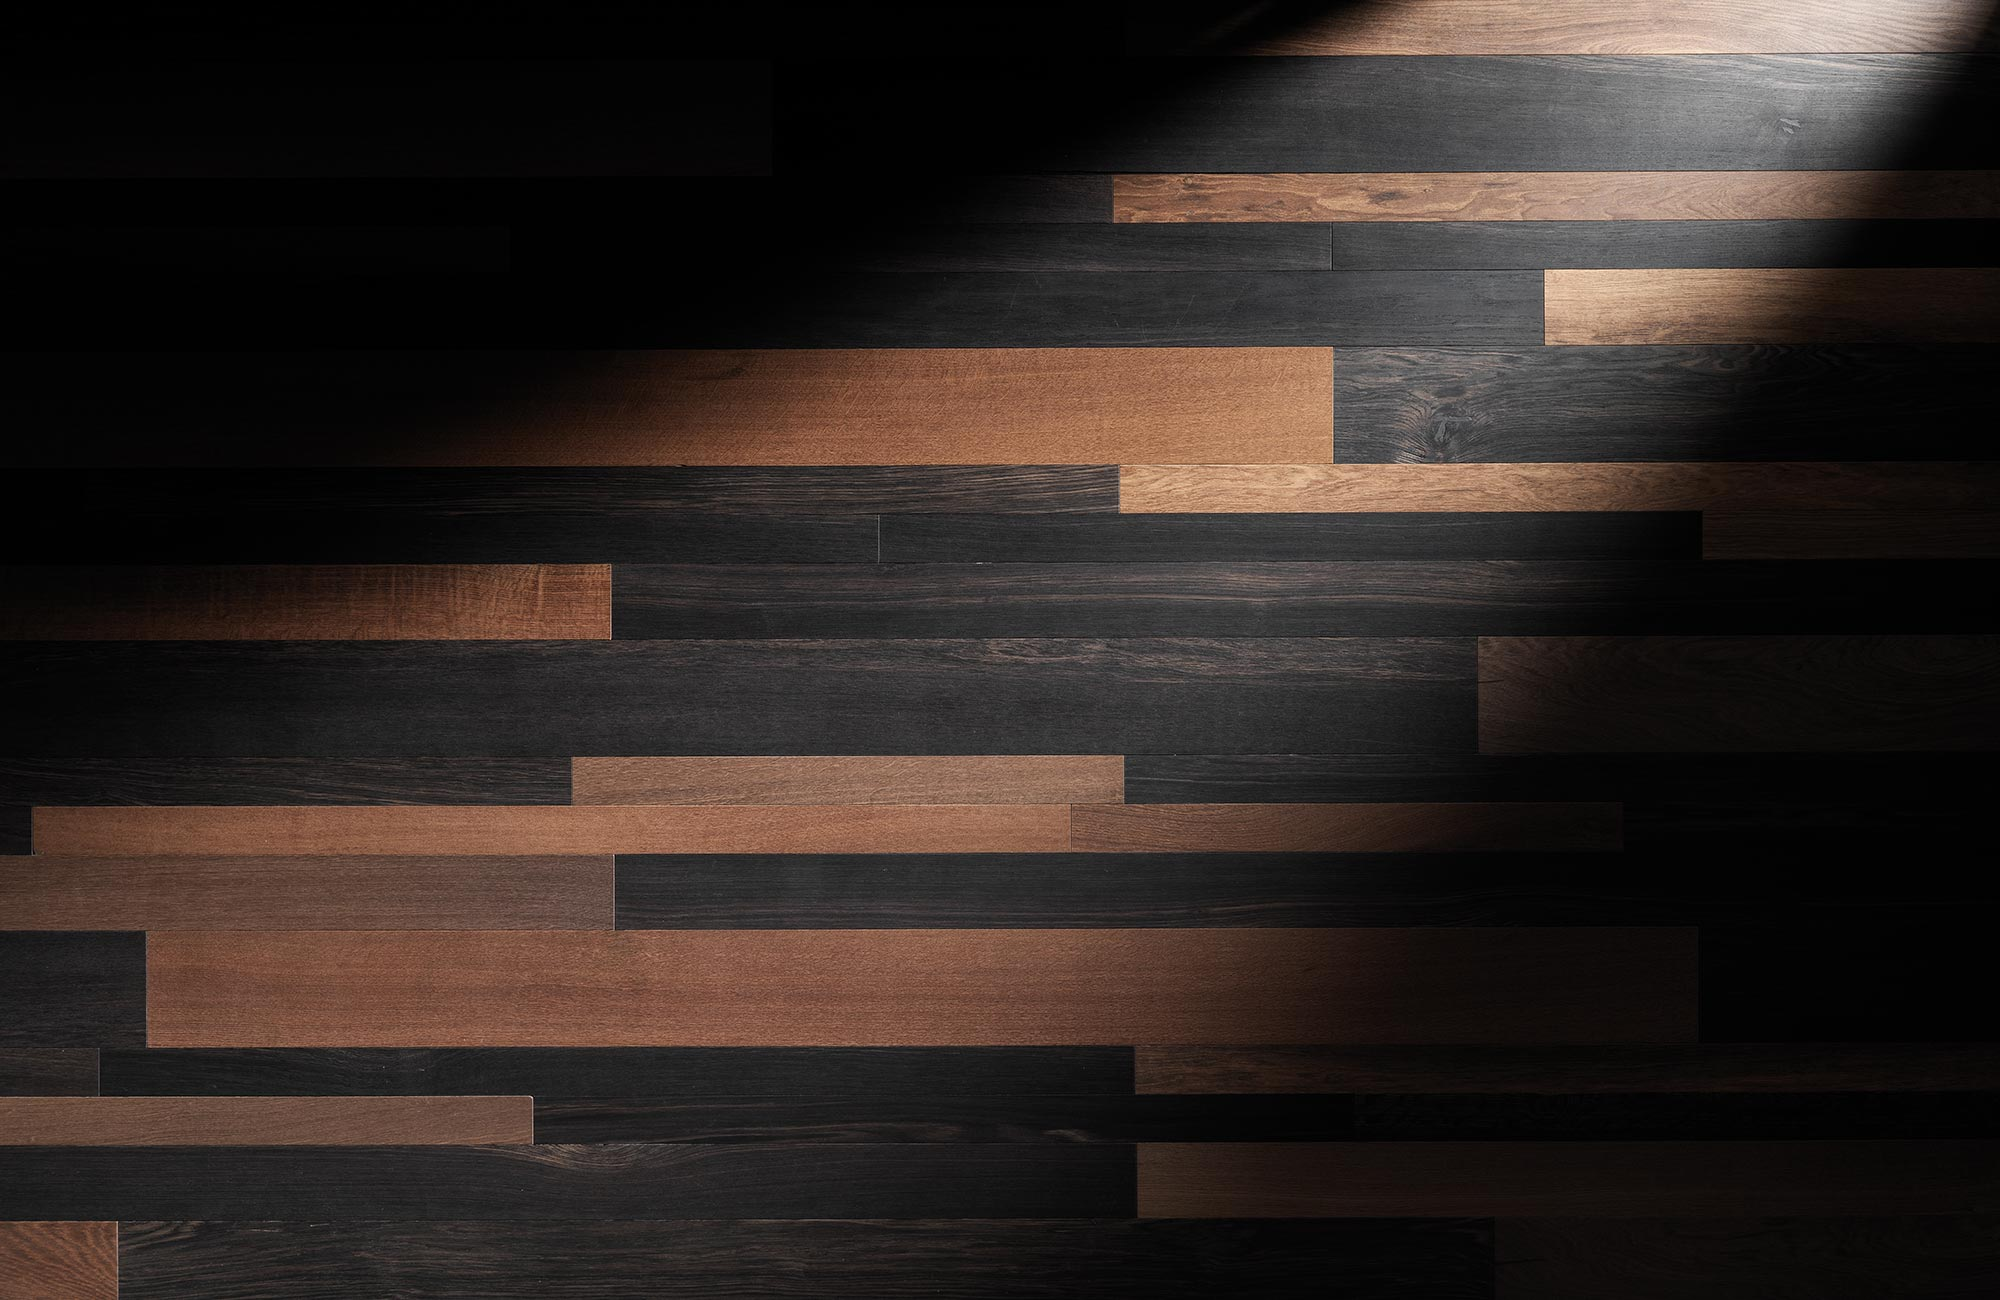 teúkhō patos floor